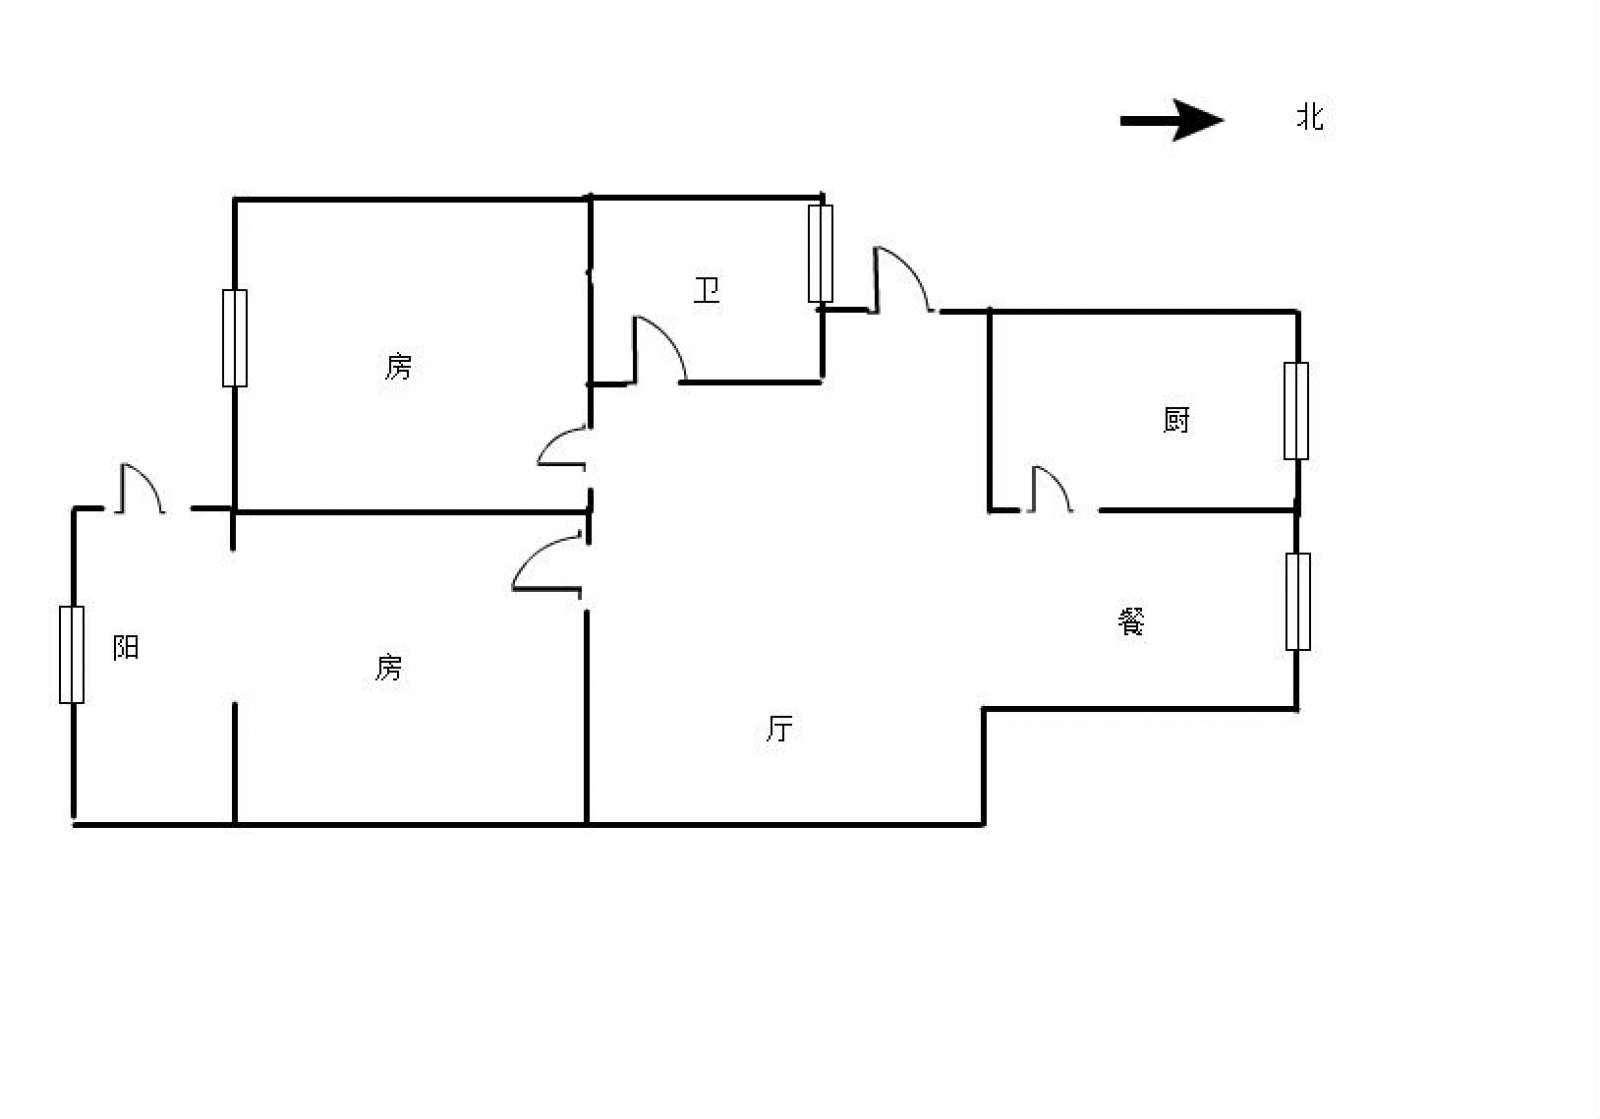 昌龙花园 2室2厅90㎡